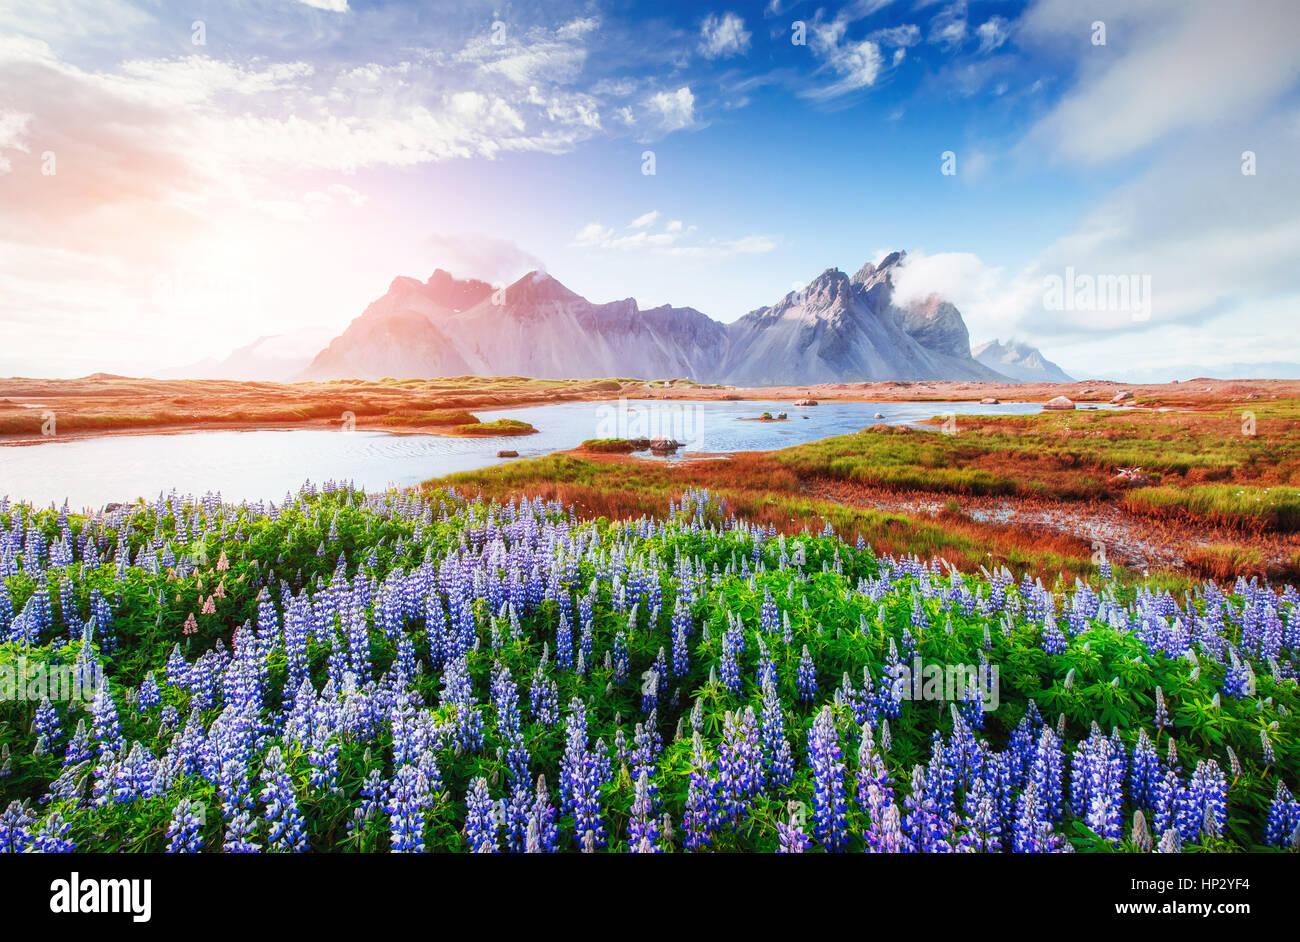 Die malerischen Landschaften Wälder und Berge von Island. Stockbild